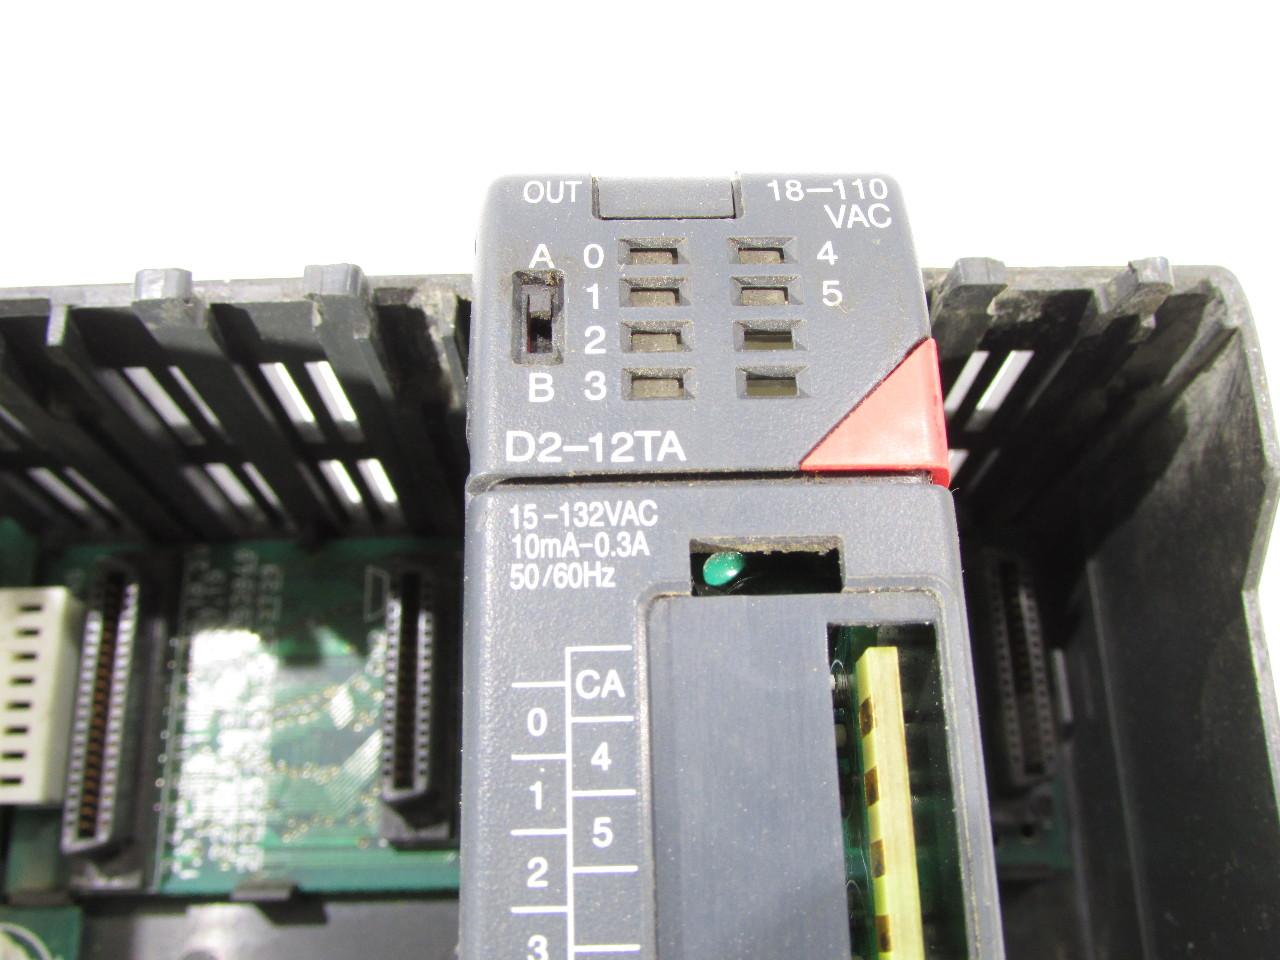 Details about AUTOMATION DIRECT PLC DIRECT D2-04B RACK 4SLOT 110/220VAC